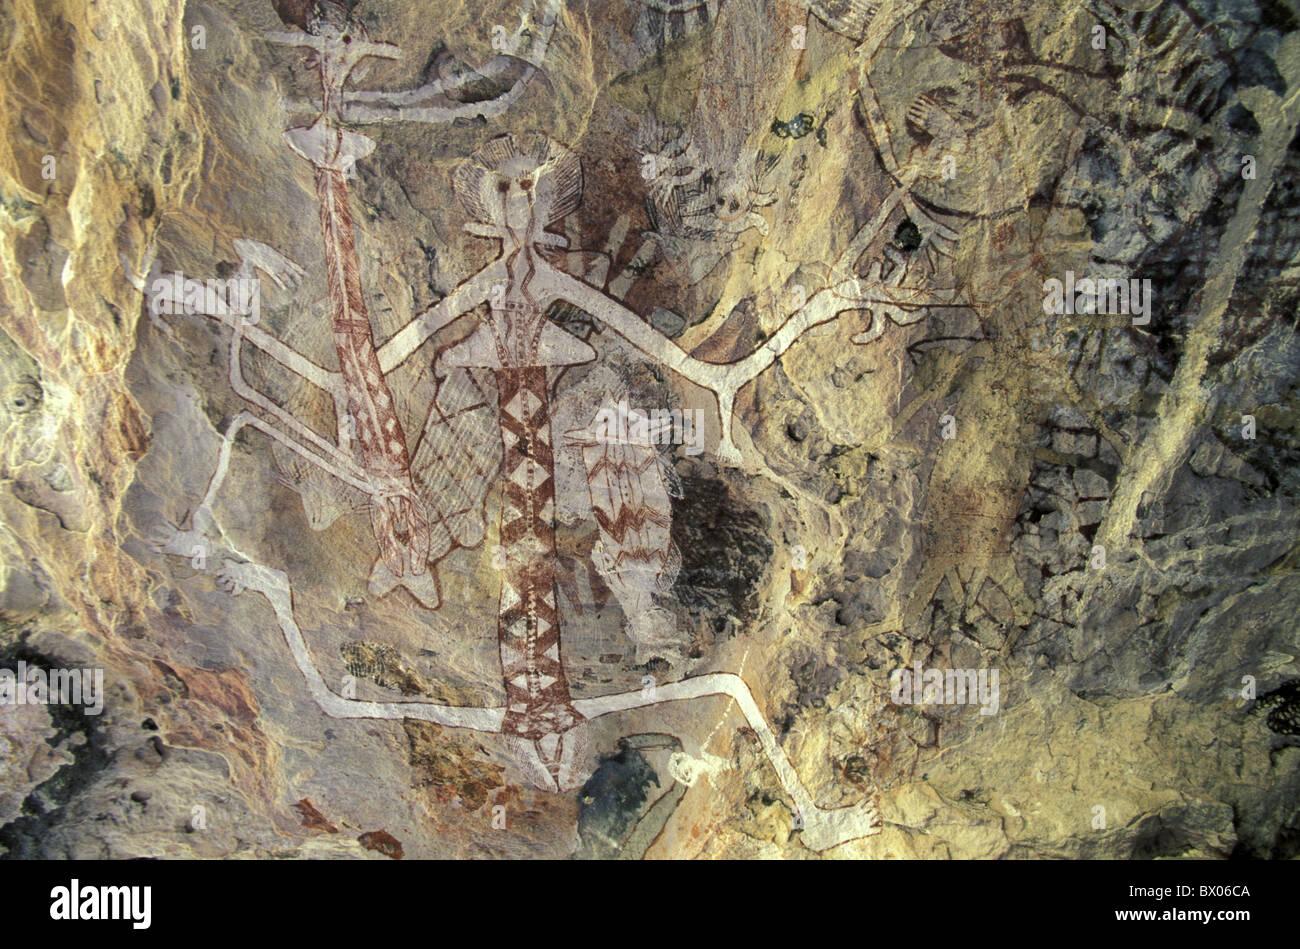 Risultati immagini per pitture rupestri della cultura storica Max Davidson COSA é?